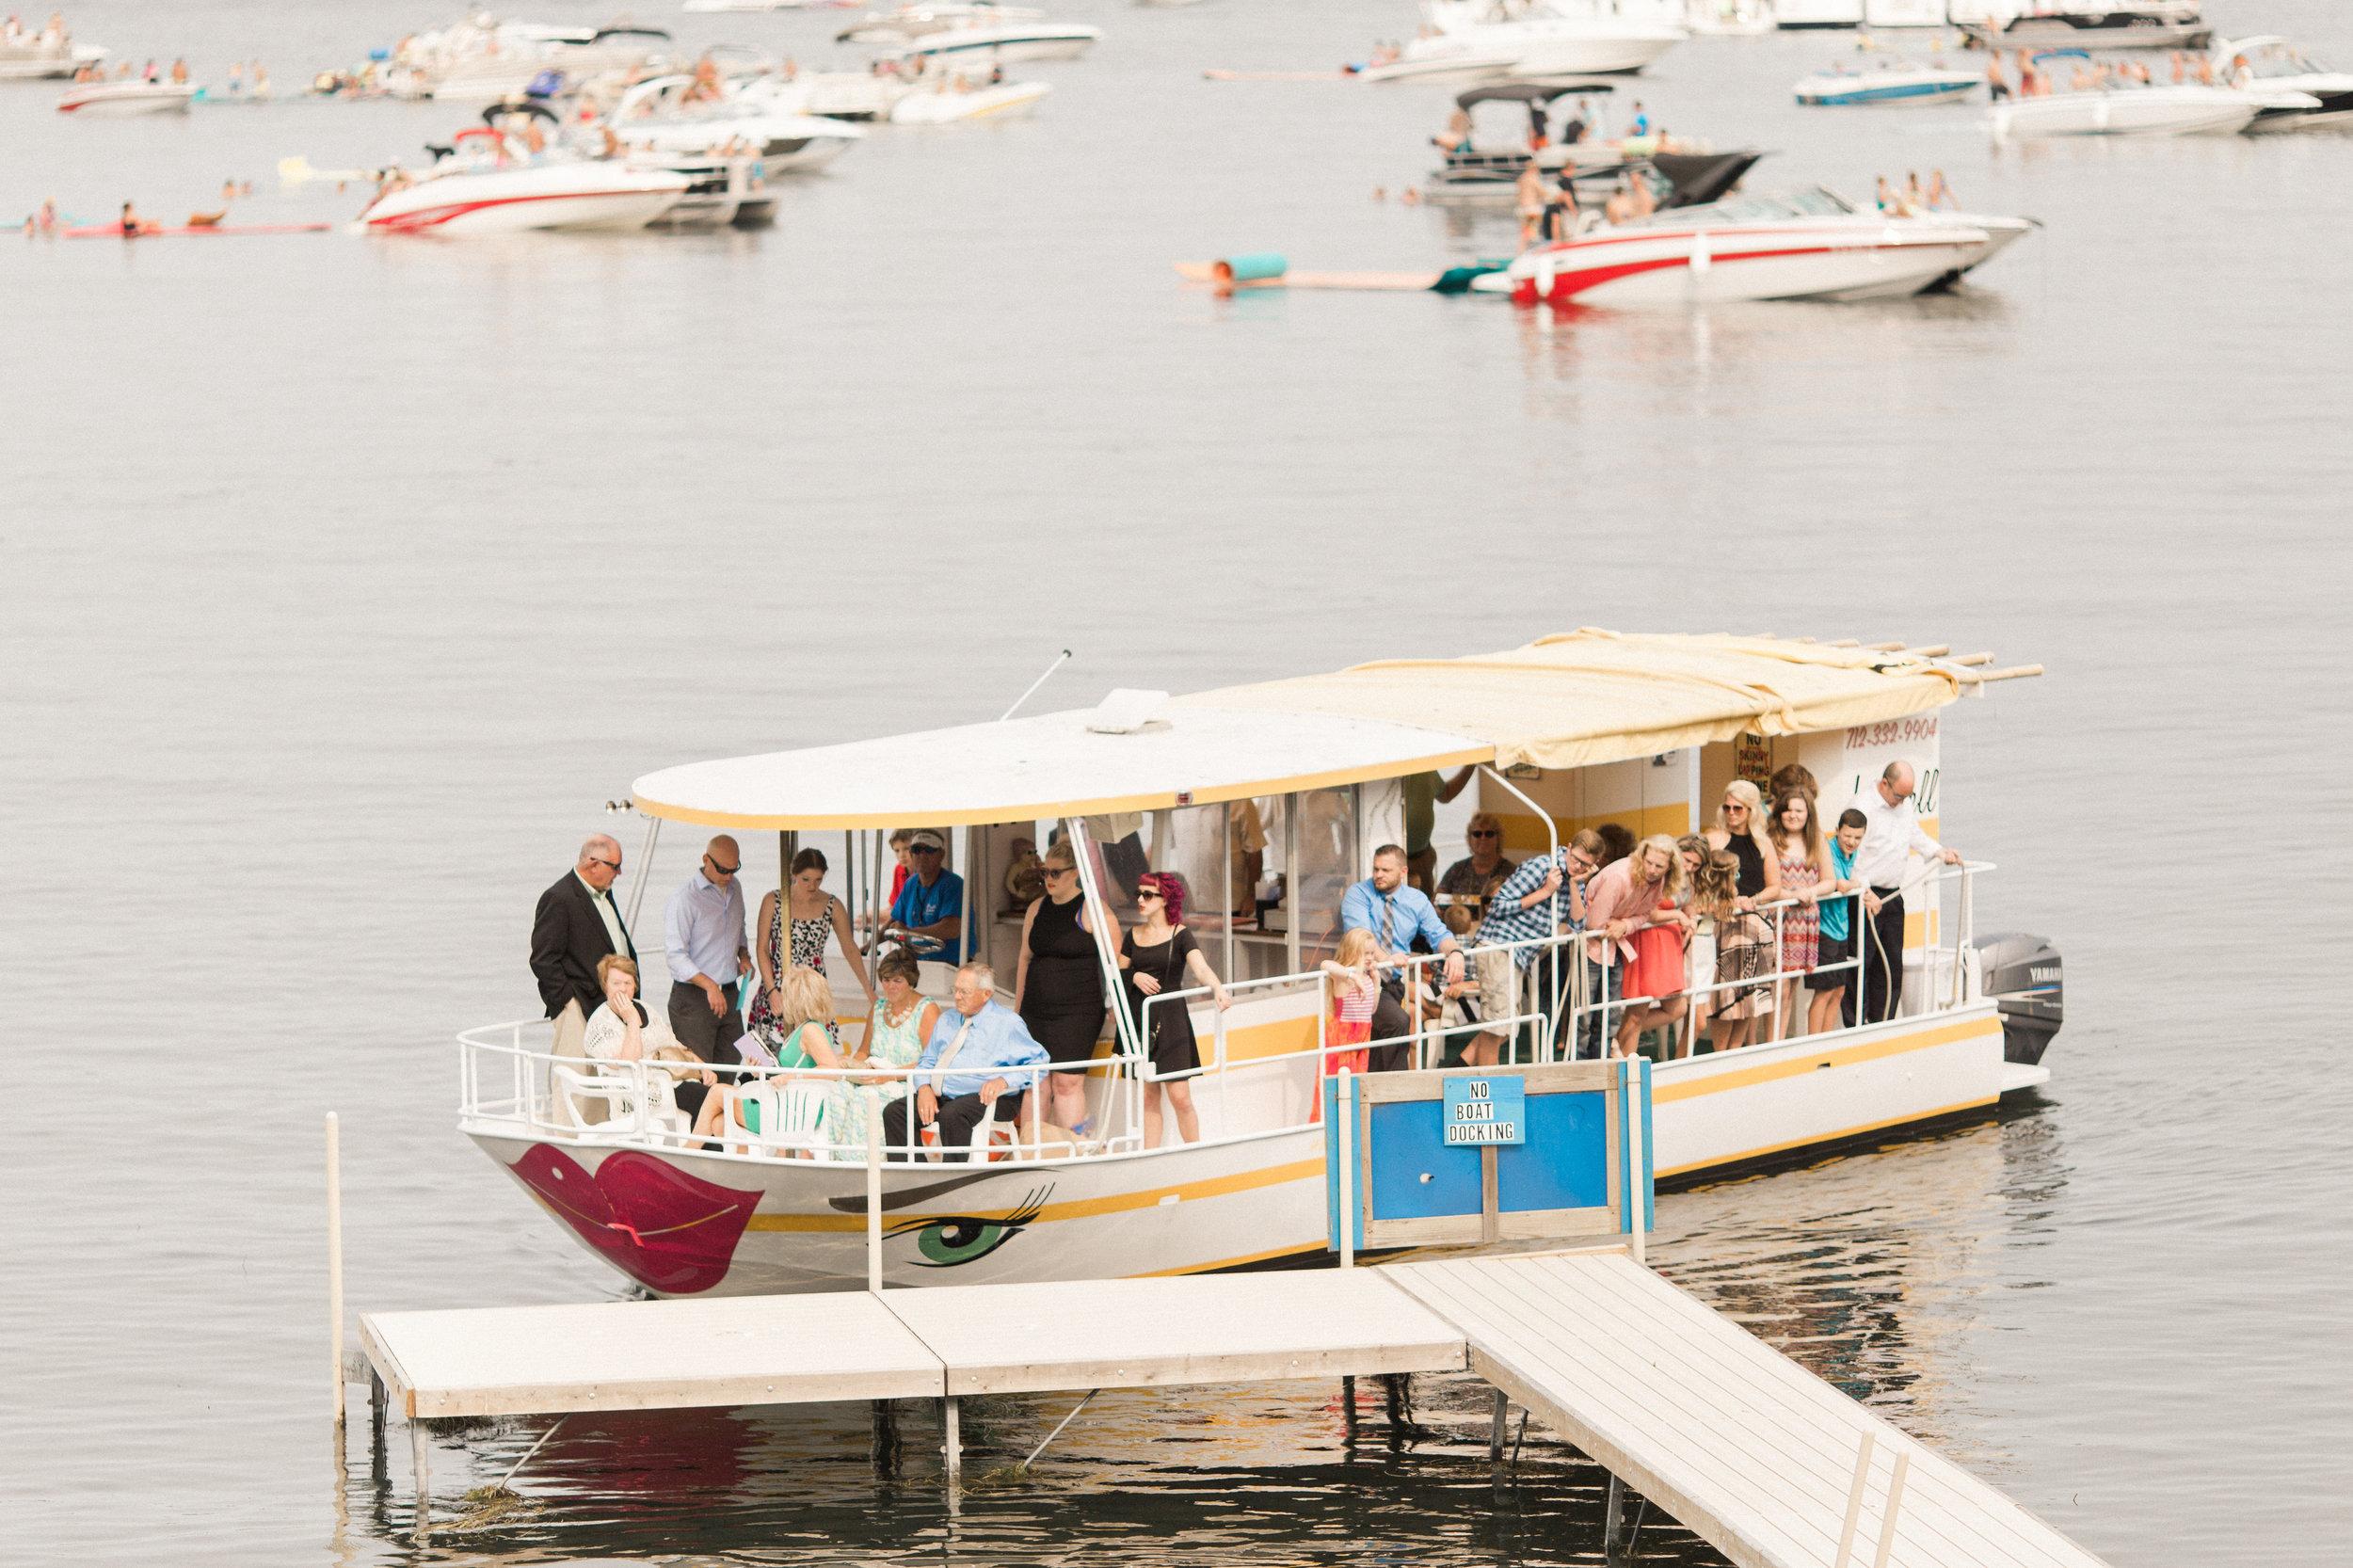 lakeside-wedding-ceremony-boat-entrance